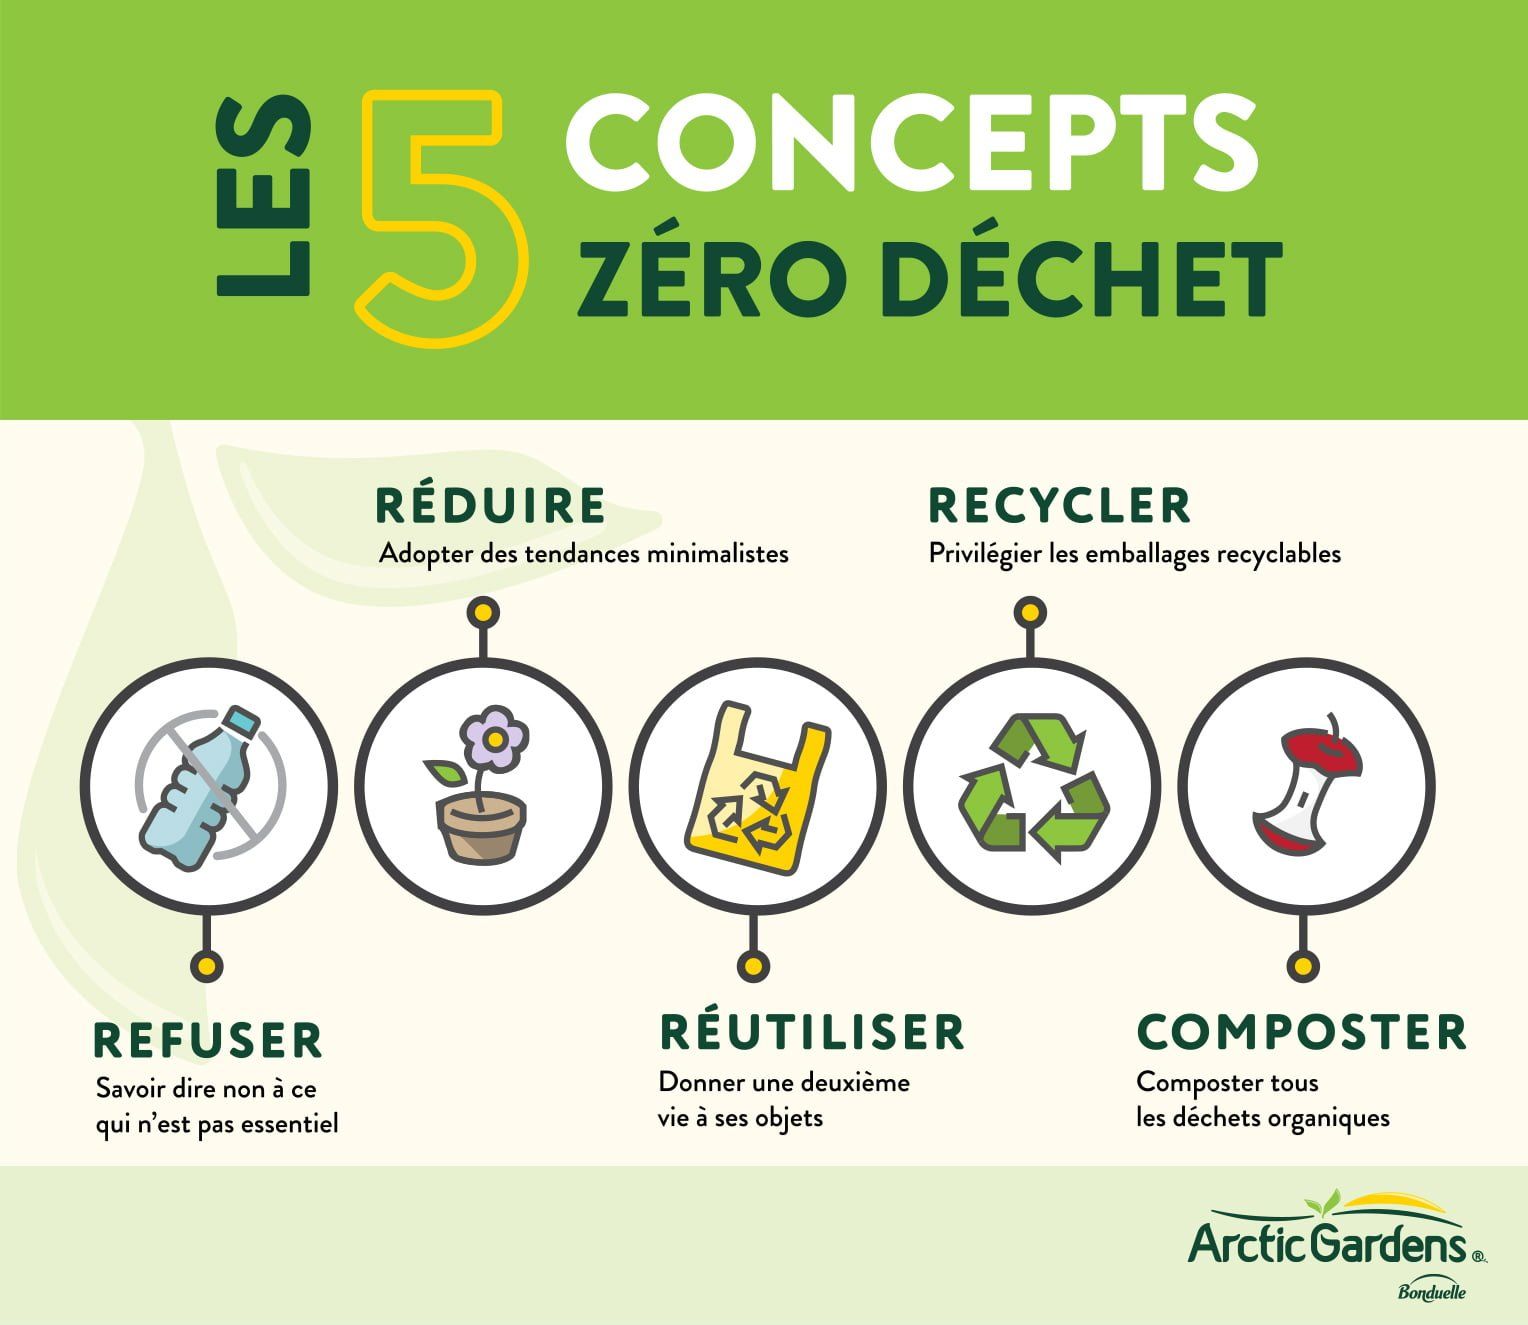 Les 5 concepts zéro déchet